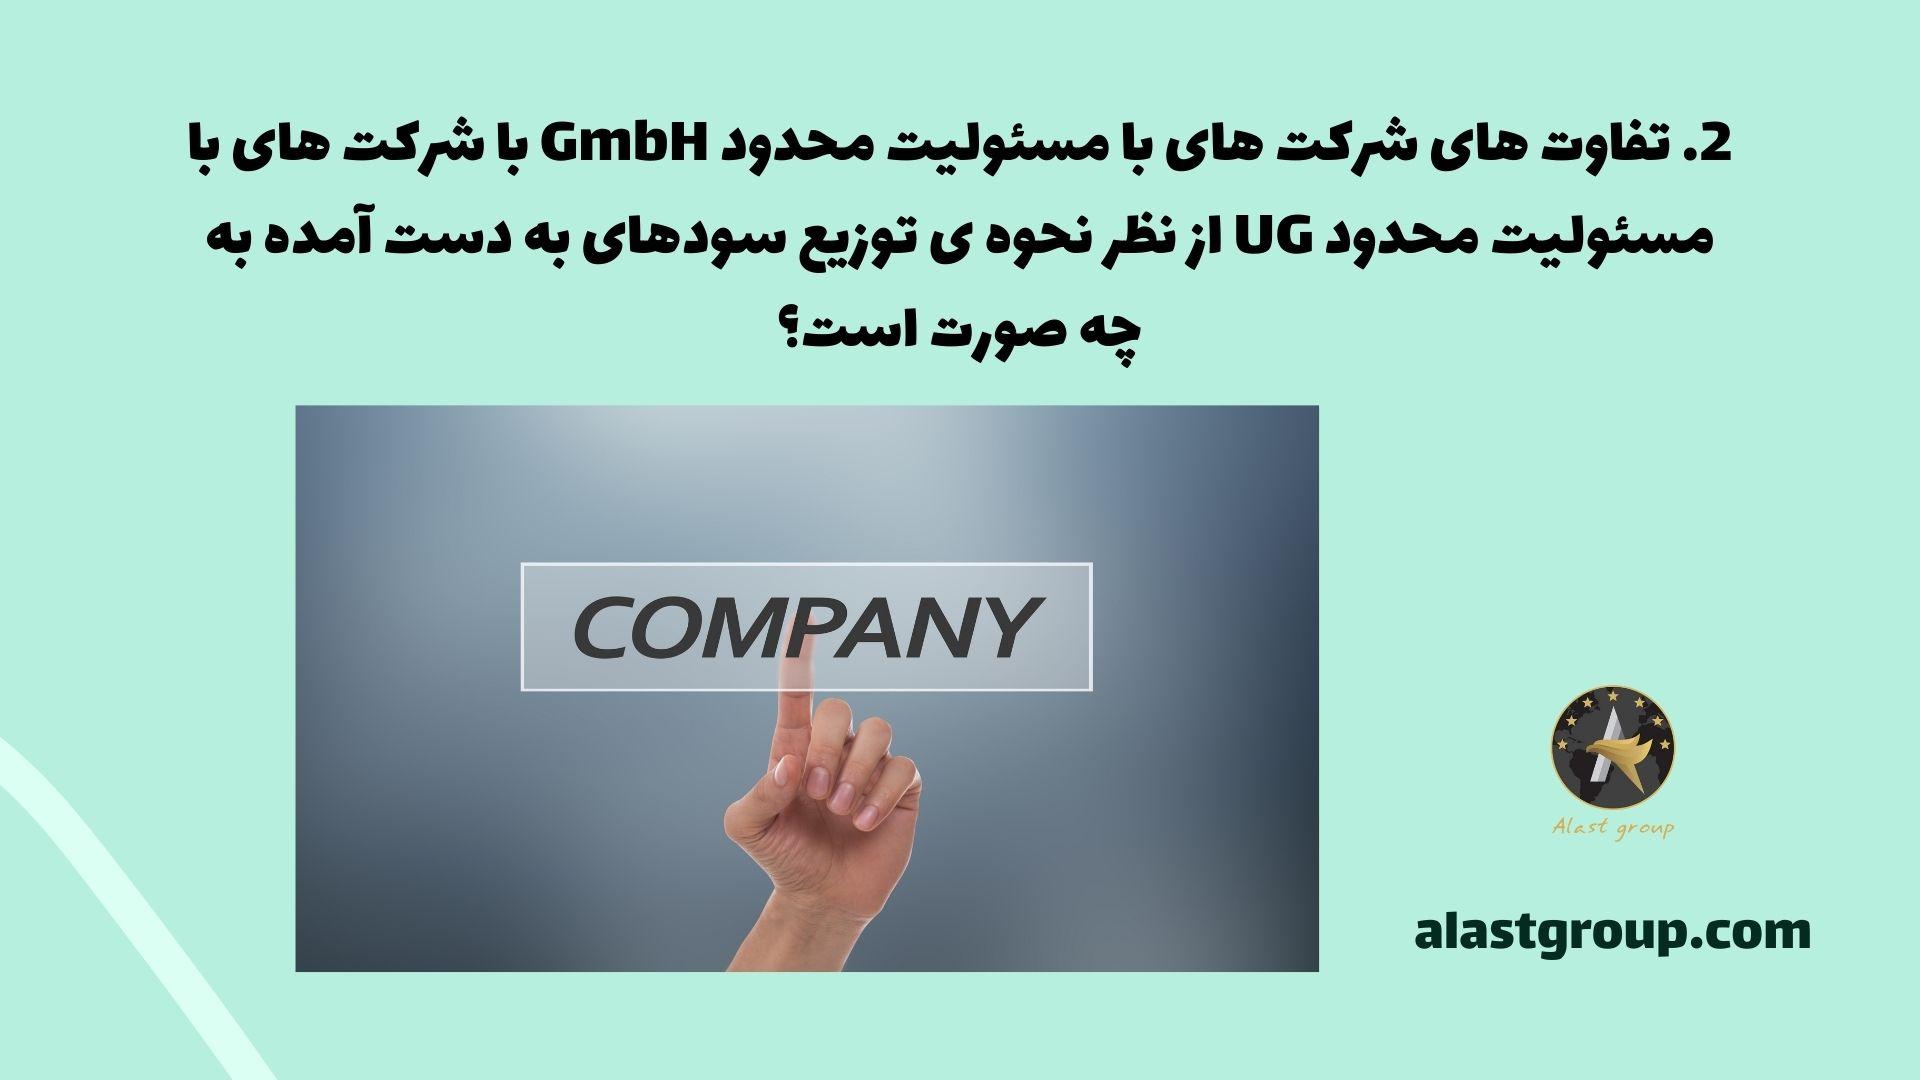 تفاوت های شرکت های با مسئولیت محدود GmbH با شرکت های با مسئولیت محدود UG از نظر نحوه ی توزیع سودهای به دست آمده به چه صورت است؟